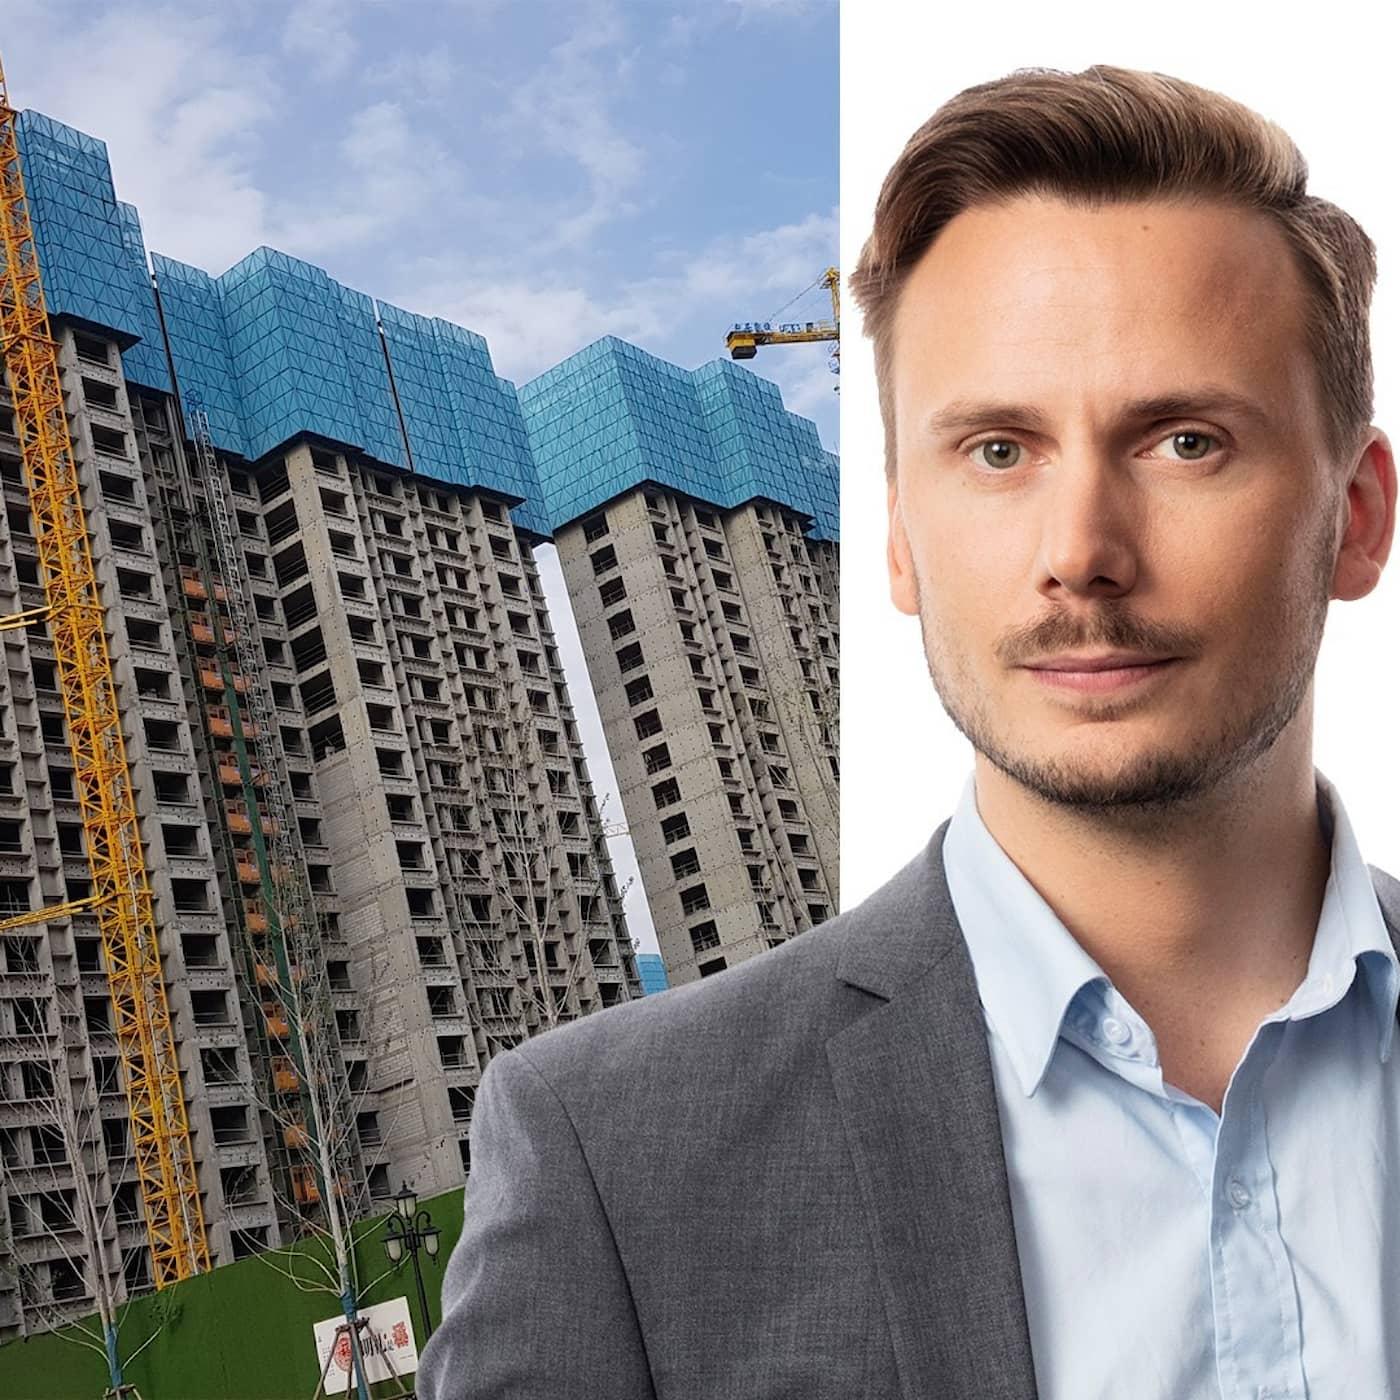 Kinas fastighetsbaksmälla: Björn Djurberg, Peking